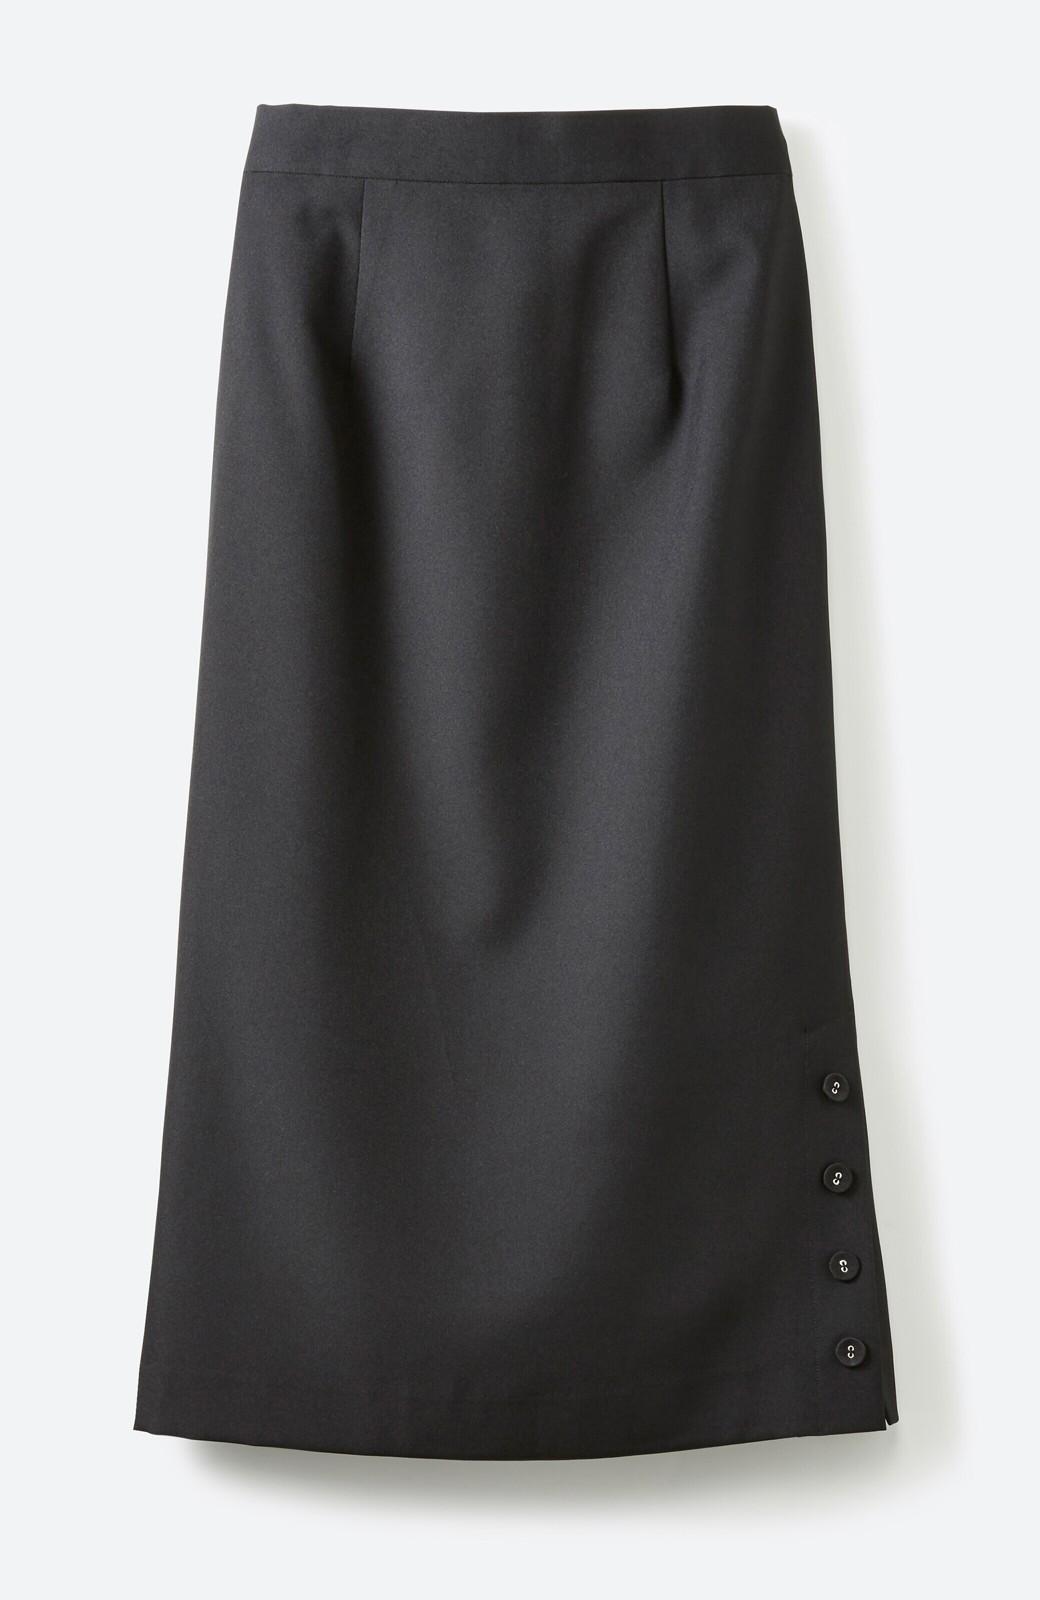 haco! 持っていると便利な野暮ったくならないフォーマルジャケット・スカートの2点セット <ブラック>の商品写真3